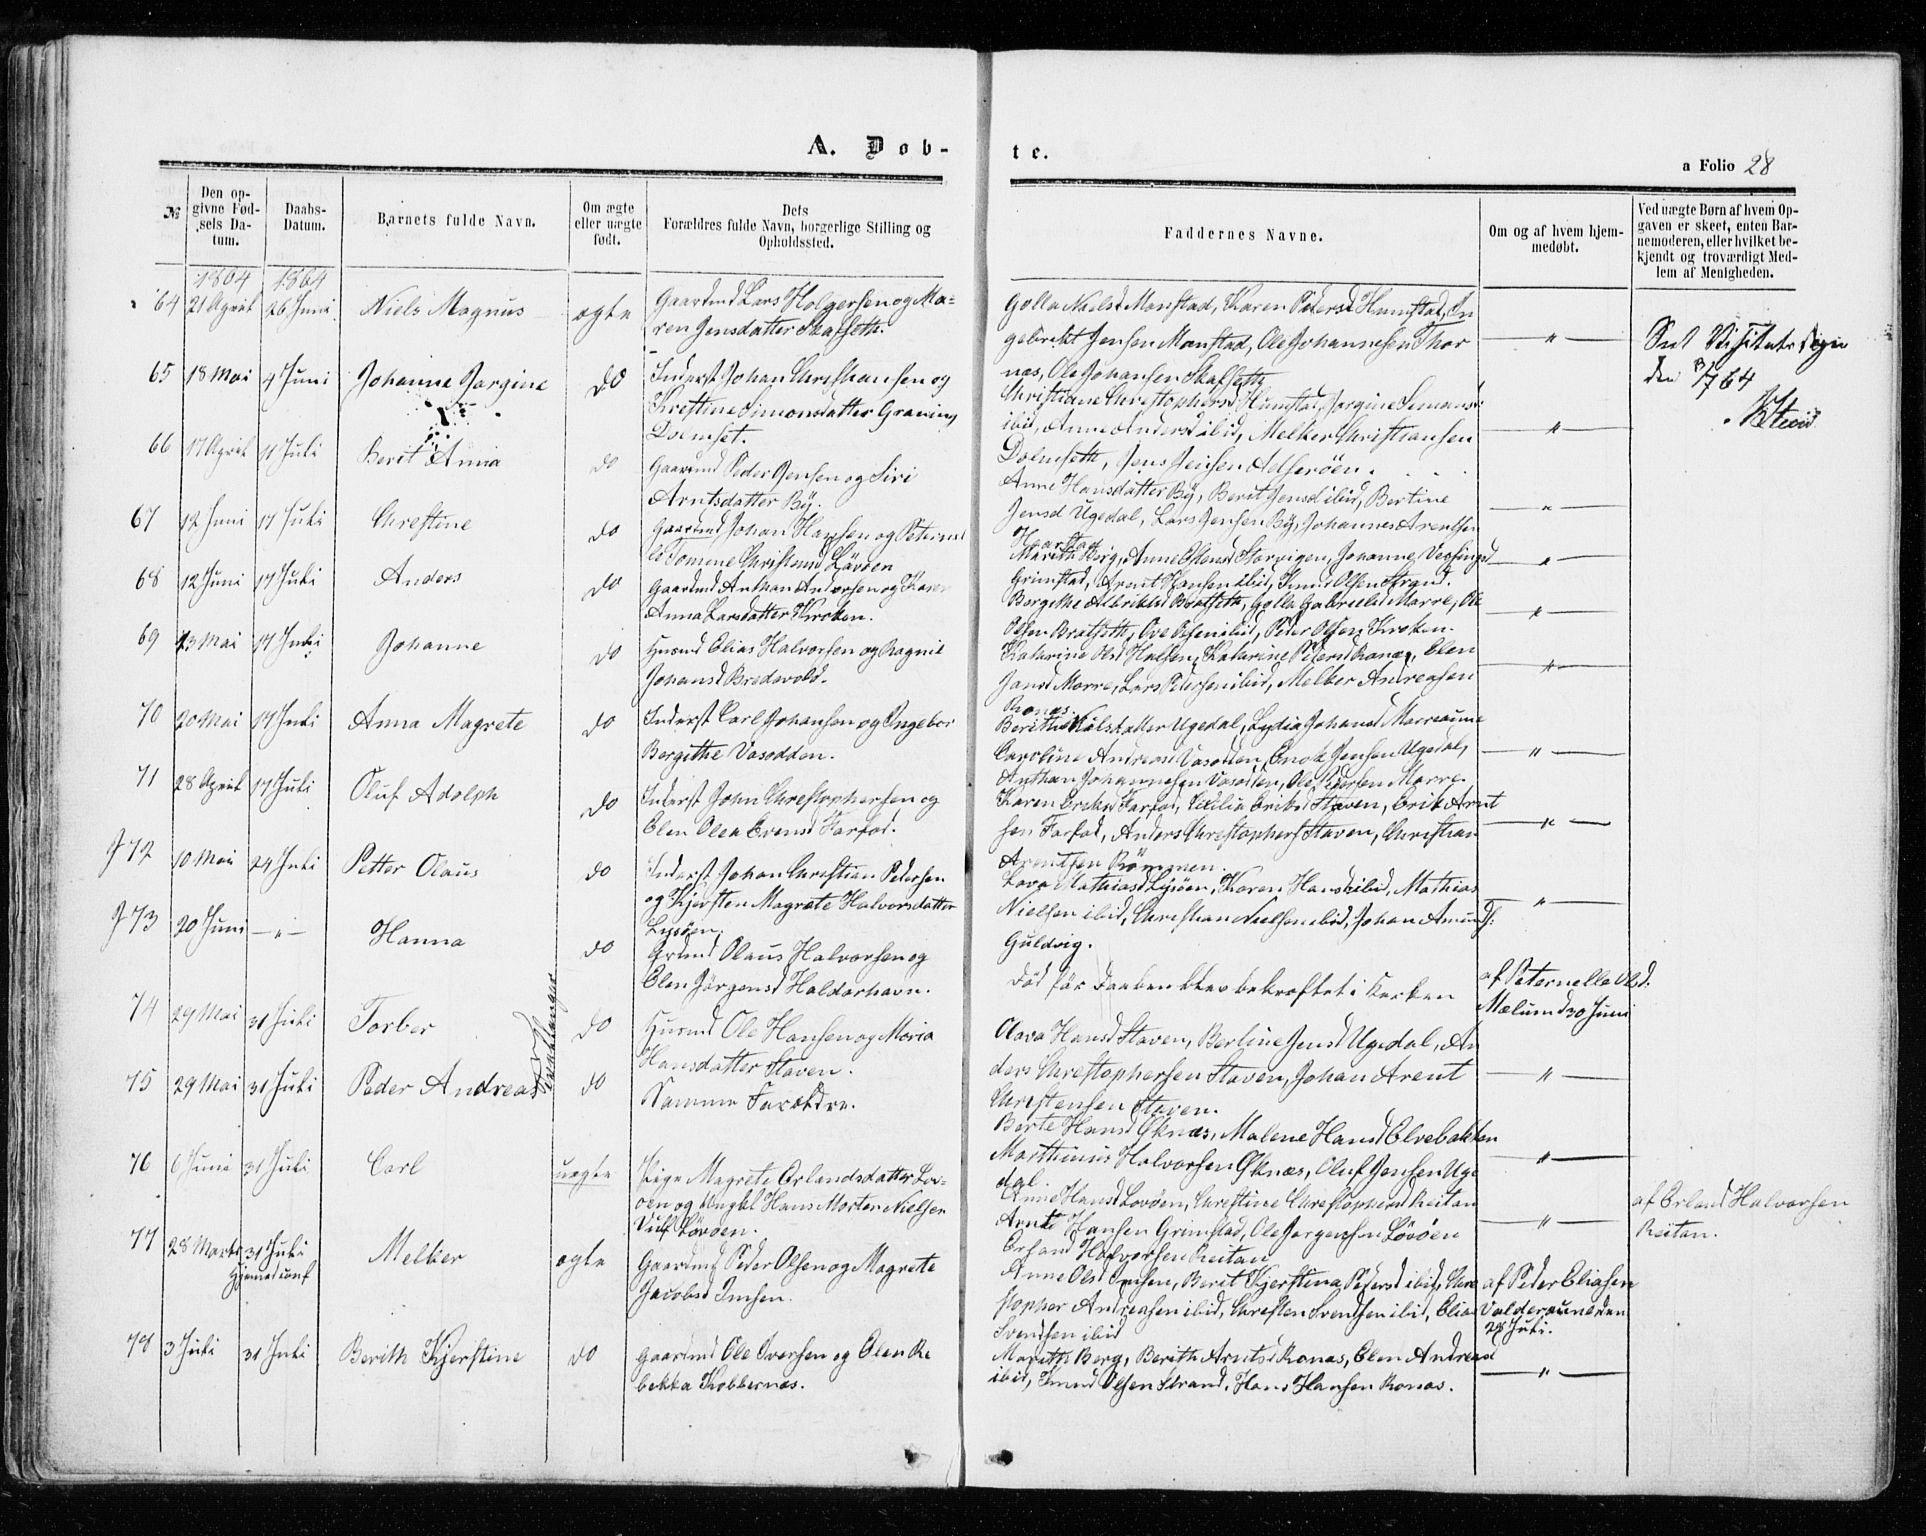 SAT, Ministerialprotokoller, klokkerbøker og fødselsregistre - Sør-Trøndelag, 655/L0678: Ministerialbok nr. 655A07, 1861-1873, s. 28